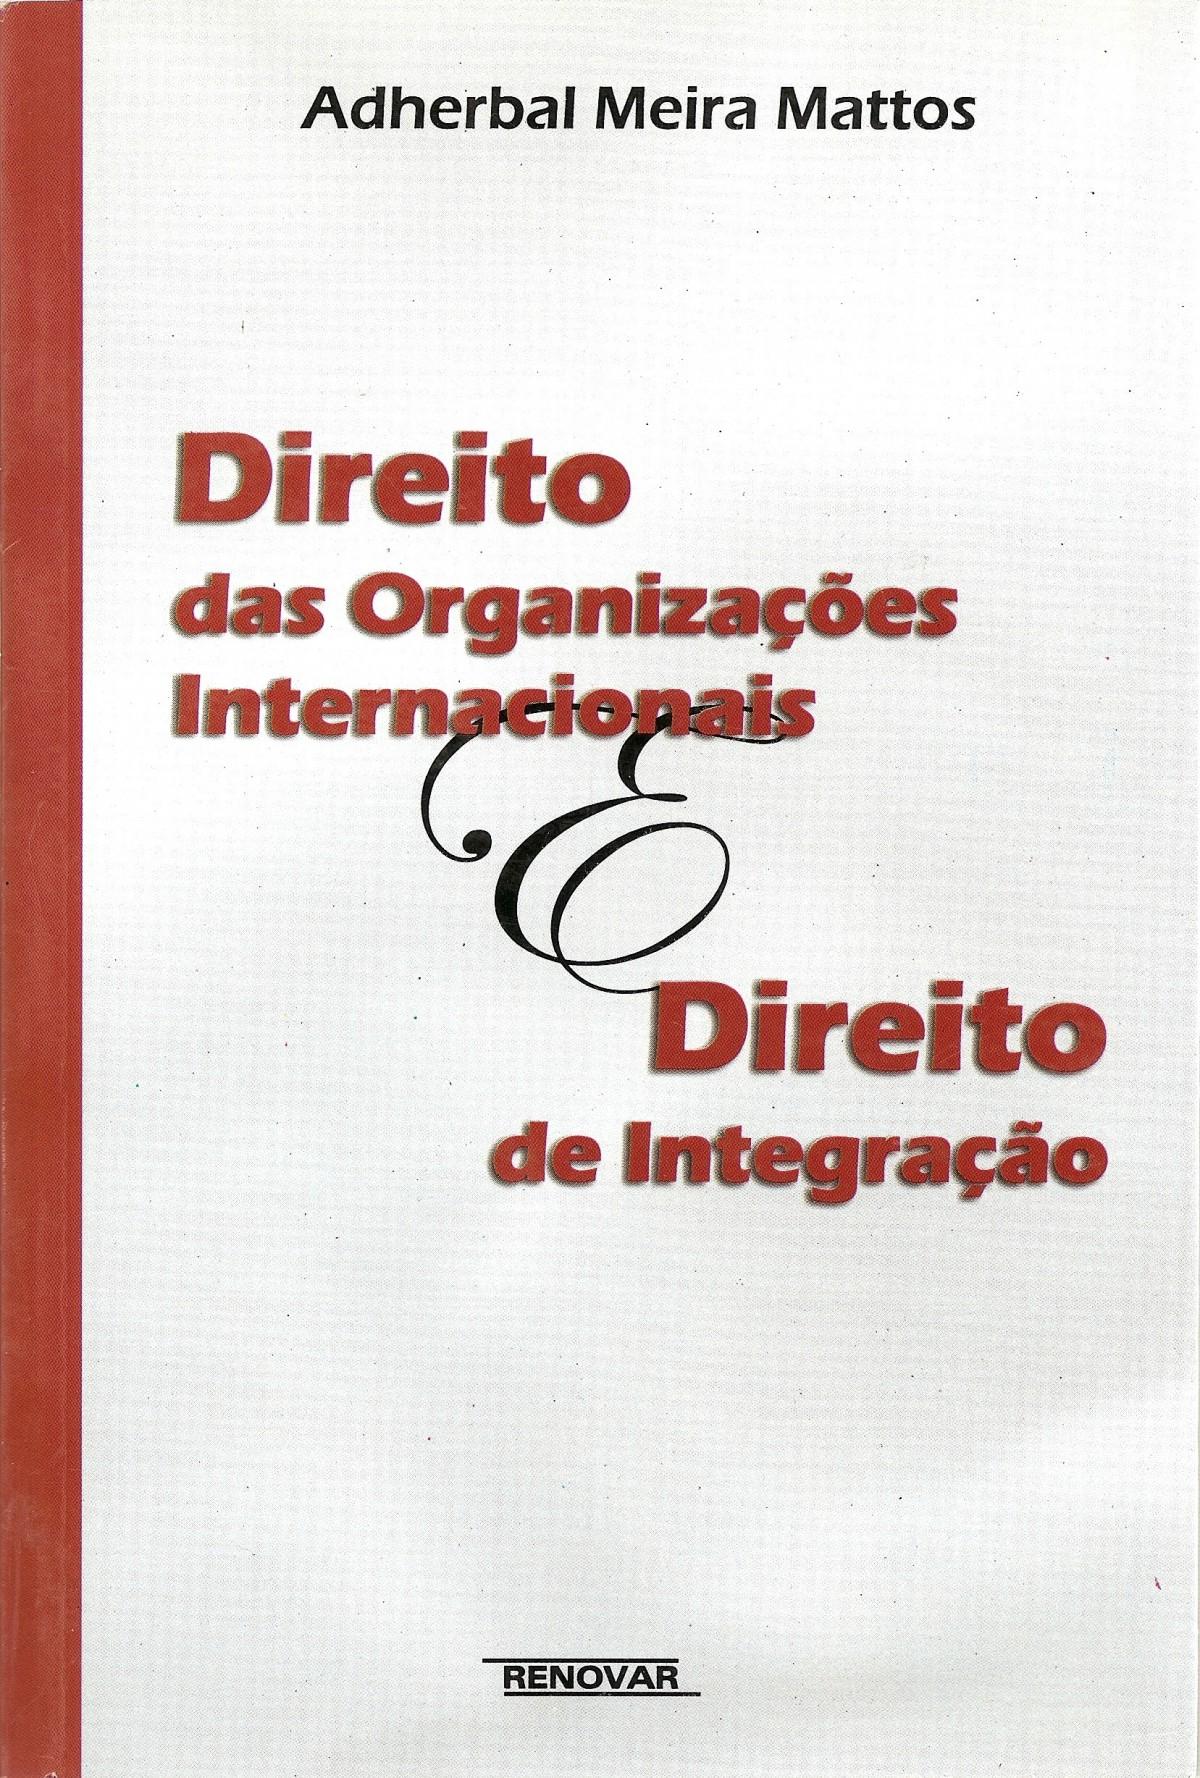 Foto 1 - Direito das Organizações Internacionais e Direito de Integração